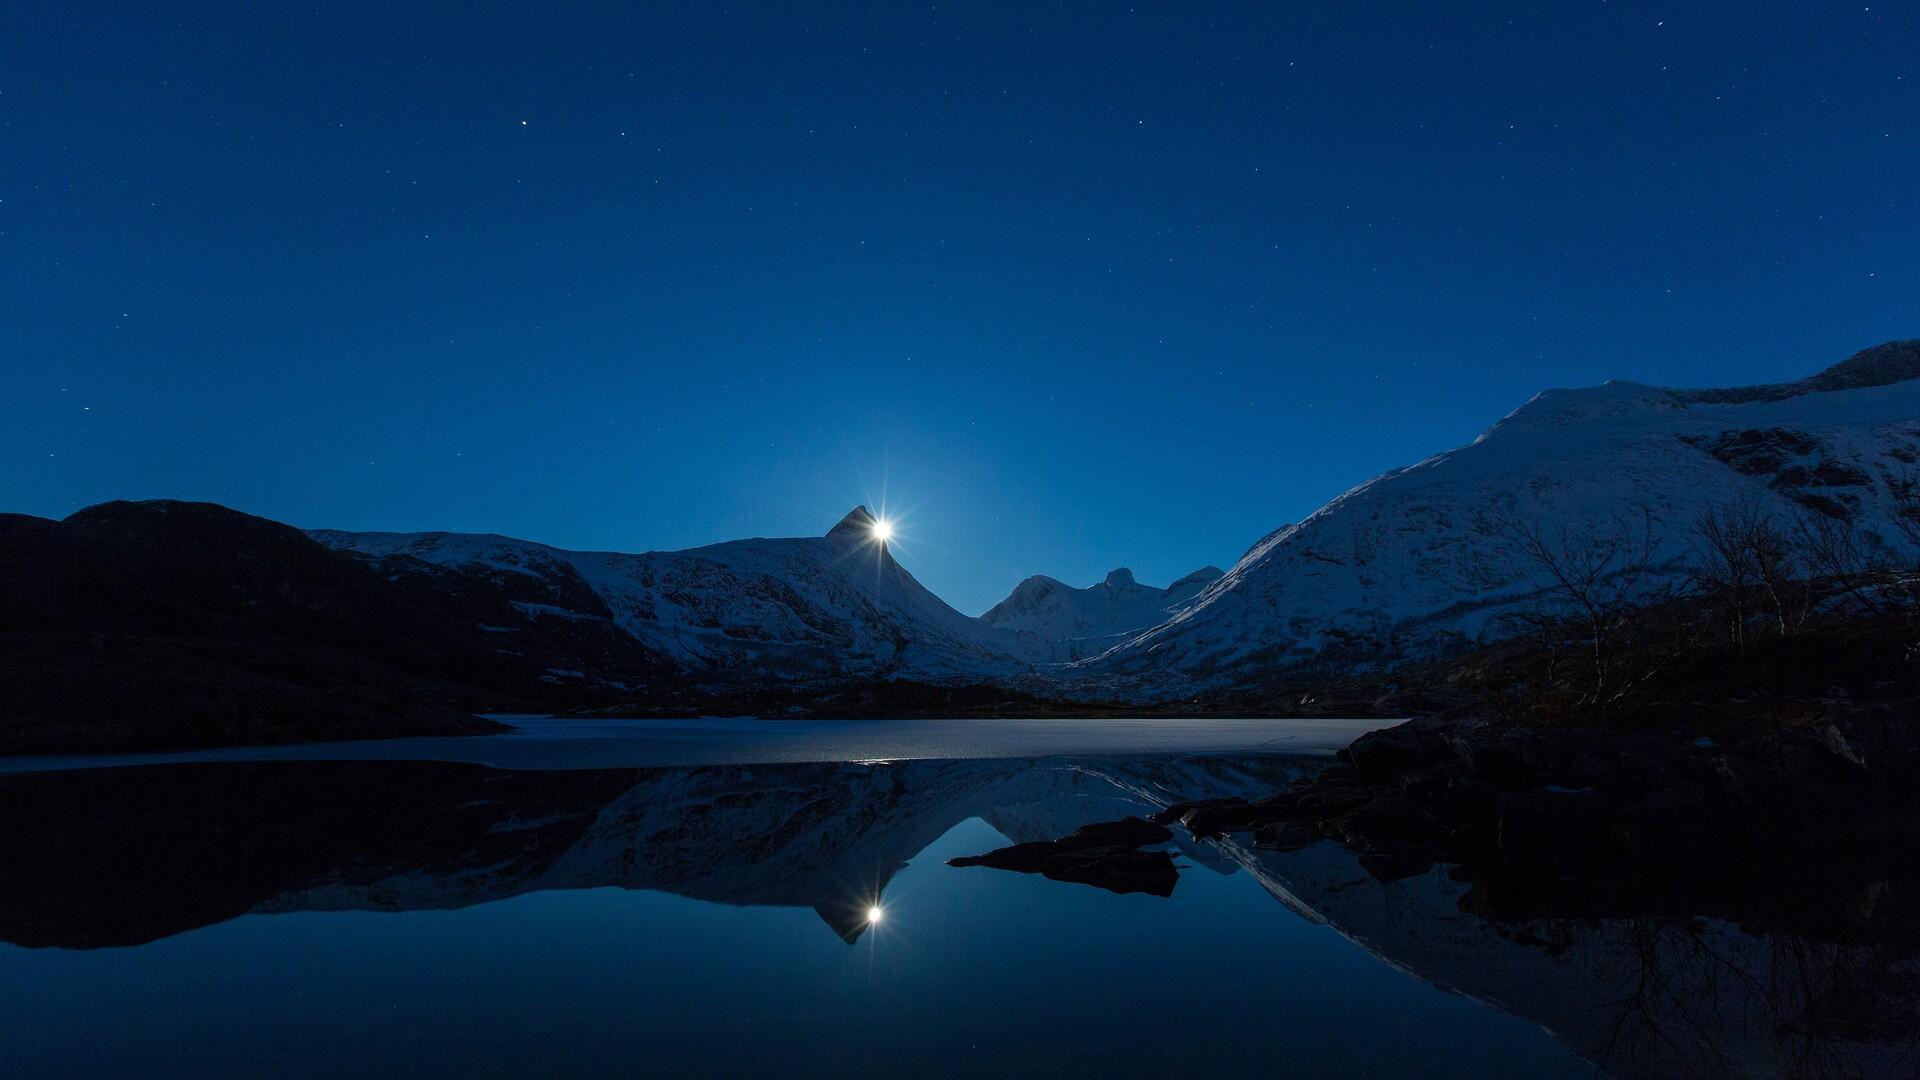 1920x1080 Clear Sky Night Landscape 4k Laptop Full HD ...